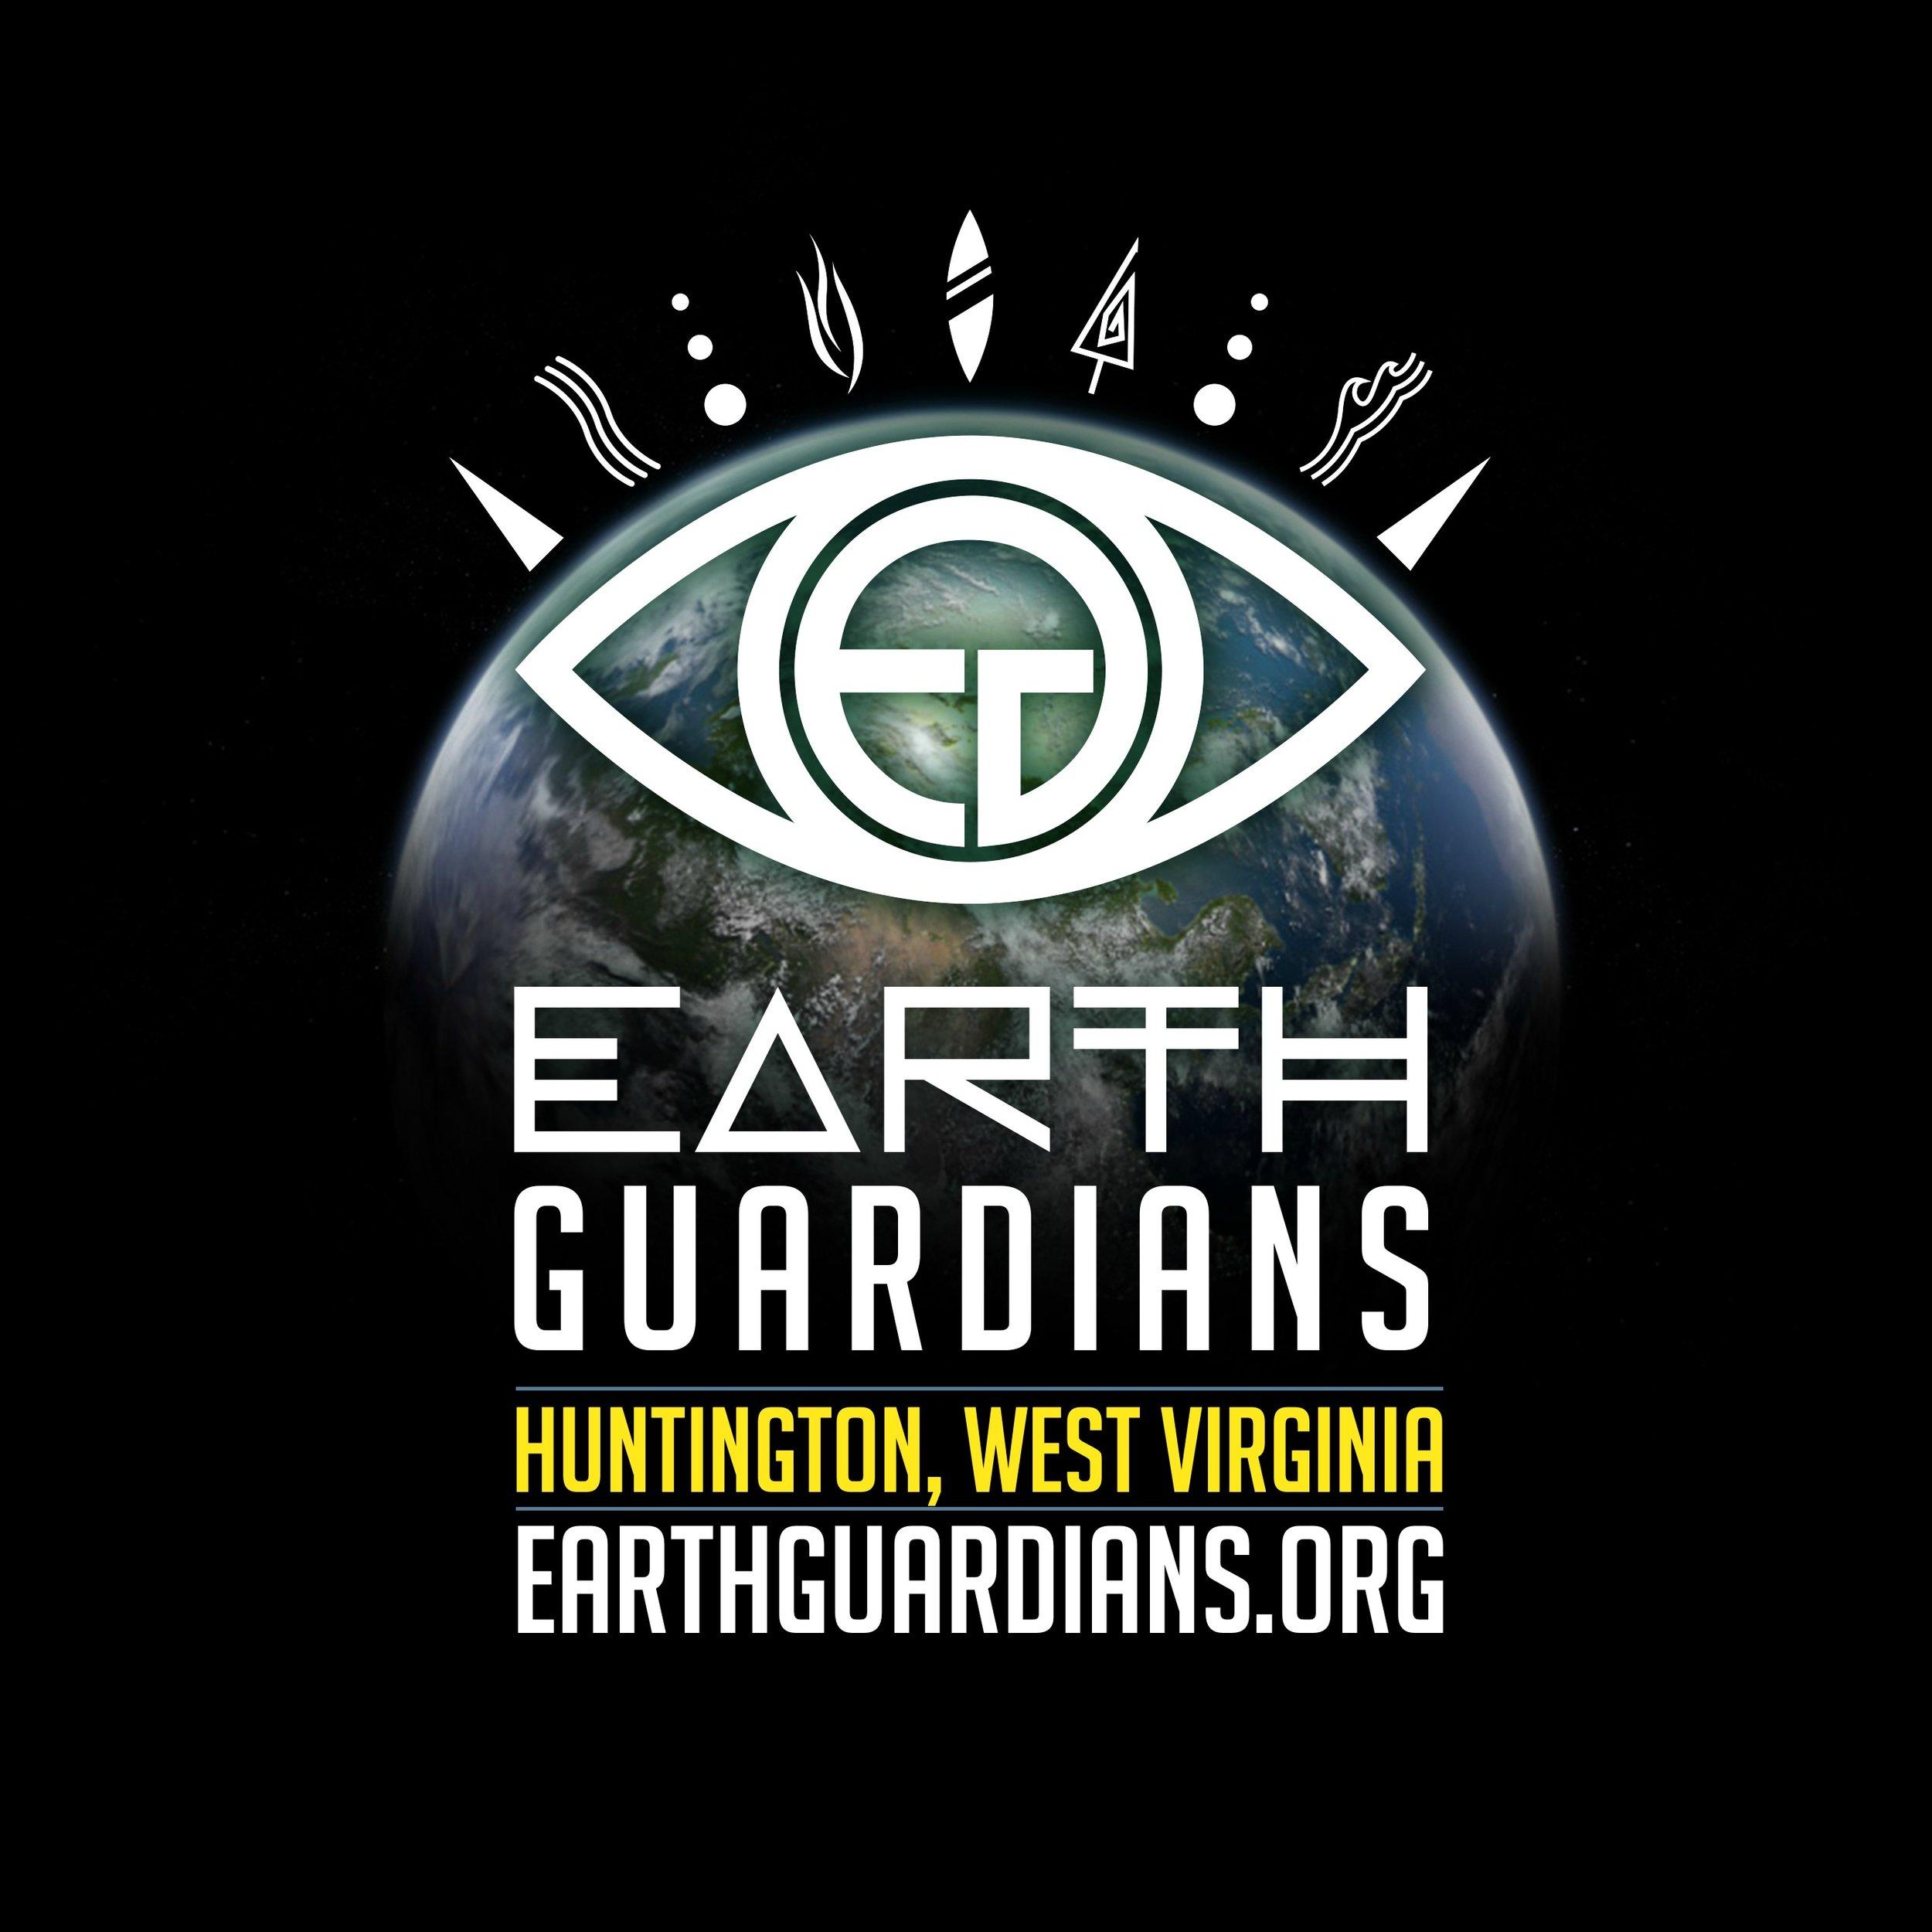 EG_crew logo huntington WV.jpg